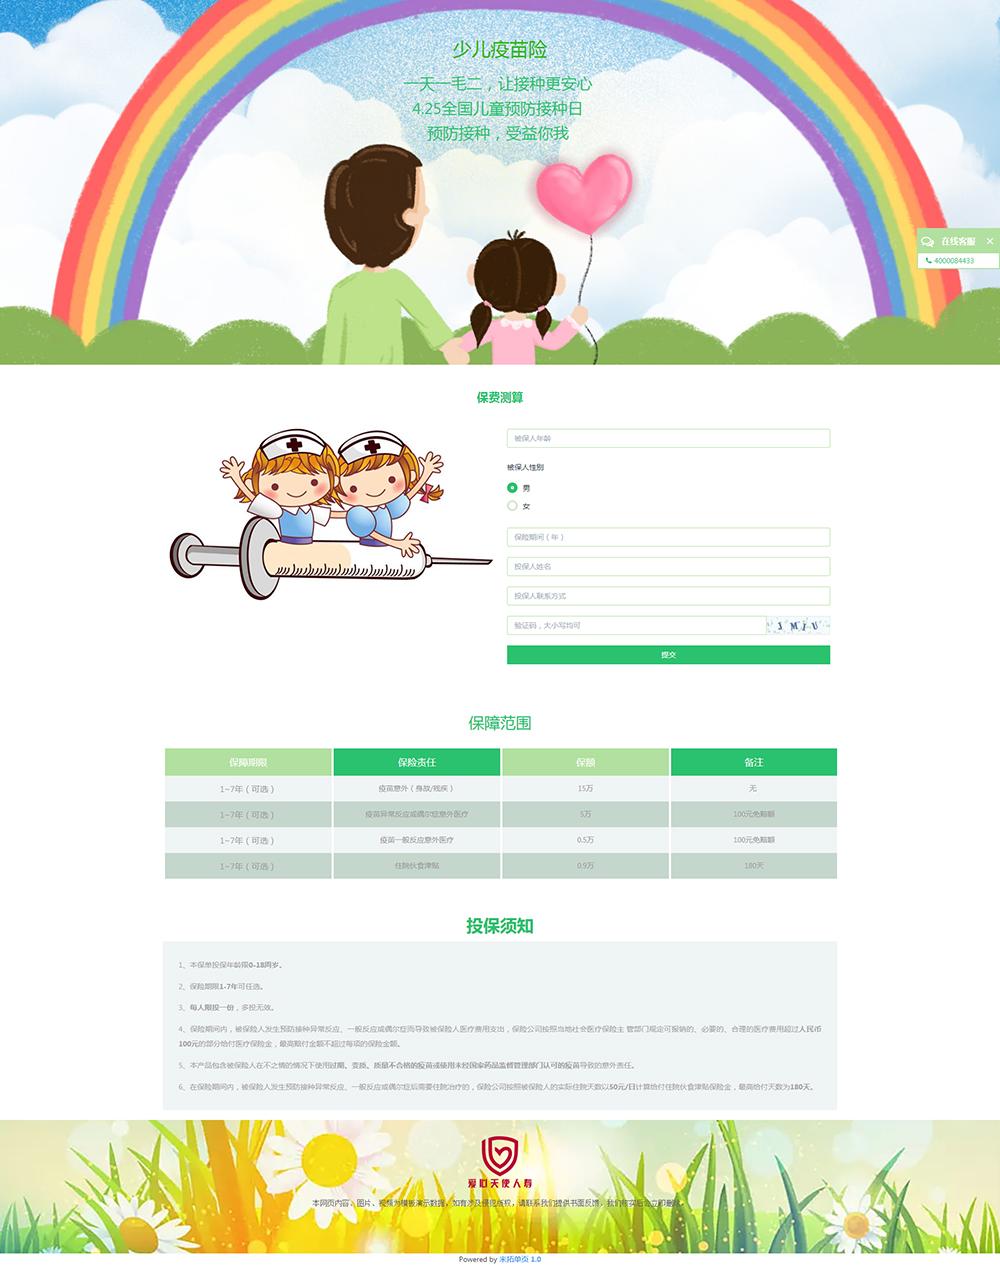 保险产品落地页模板|广告页模板|宣传页模板|推广页|专题页设计制作